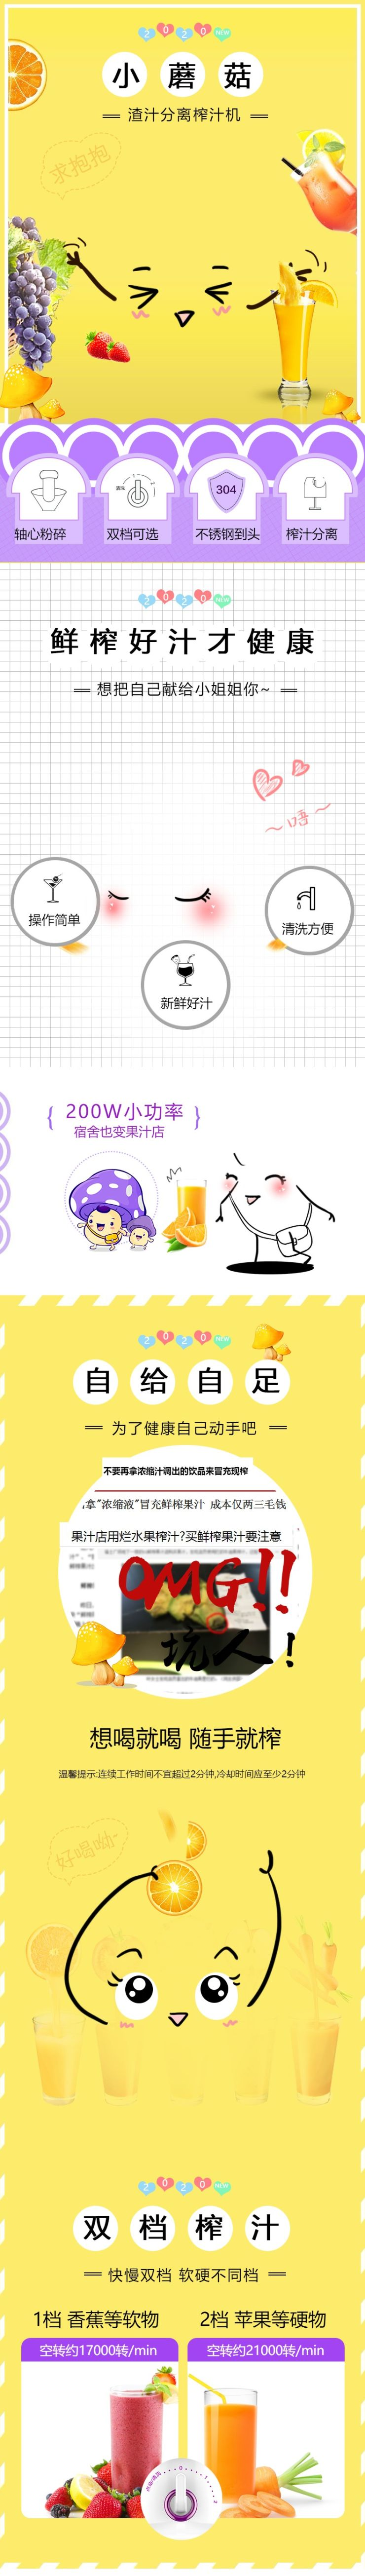 简约清新榨汁机电商详情页